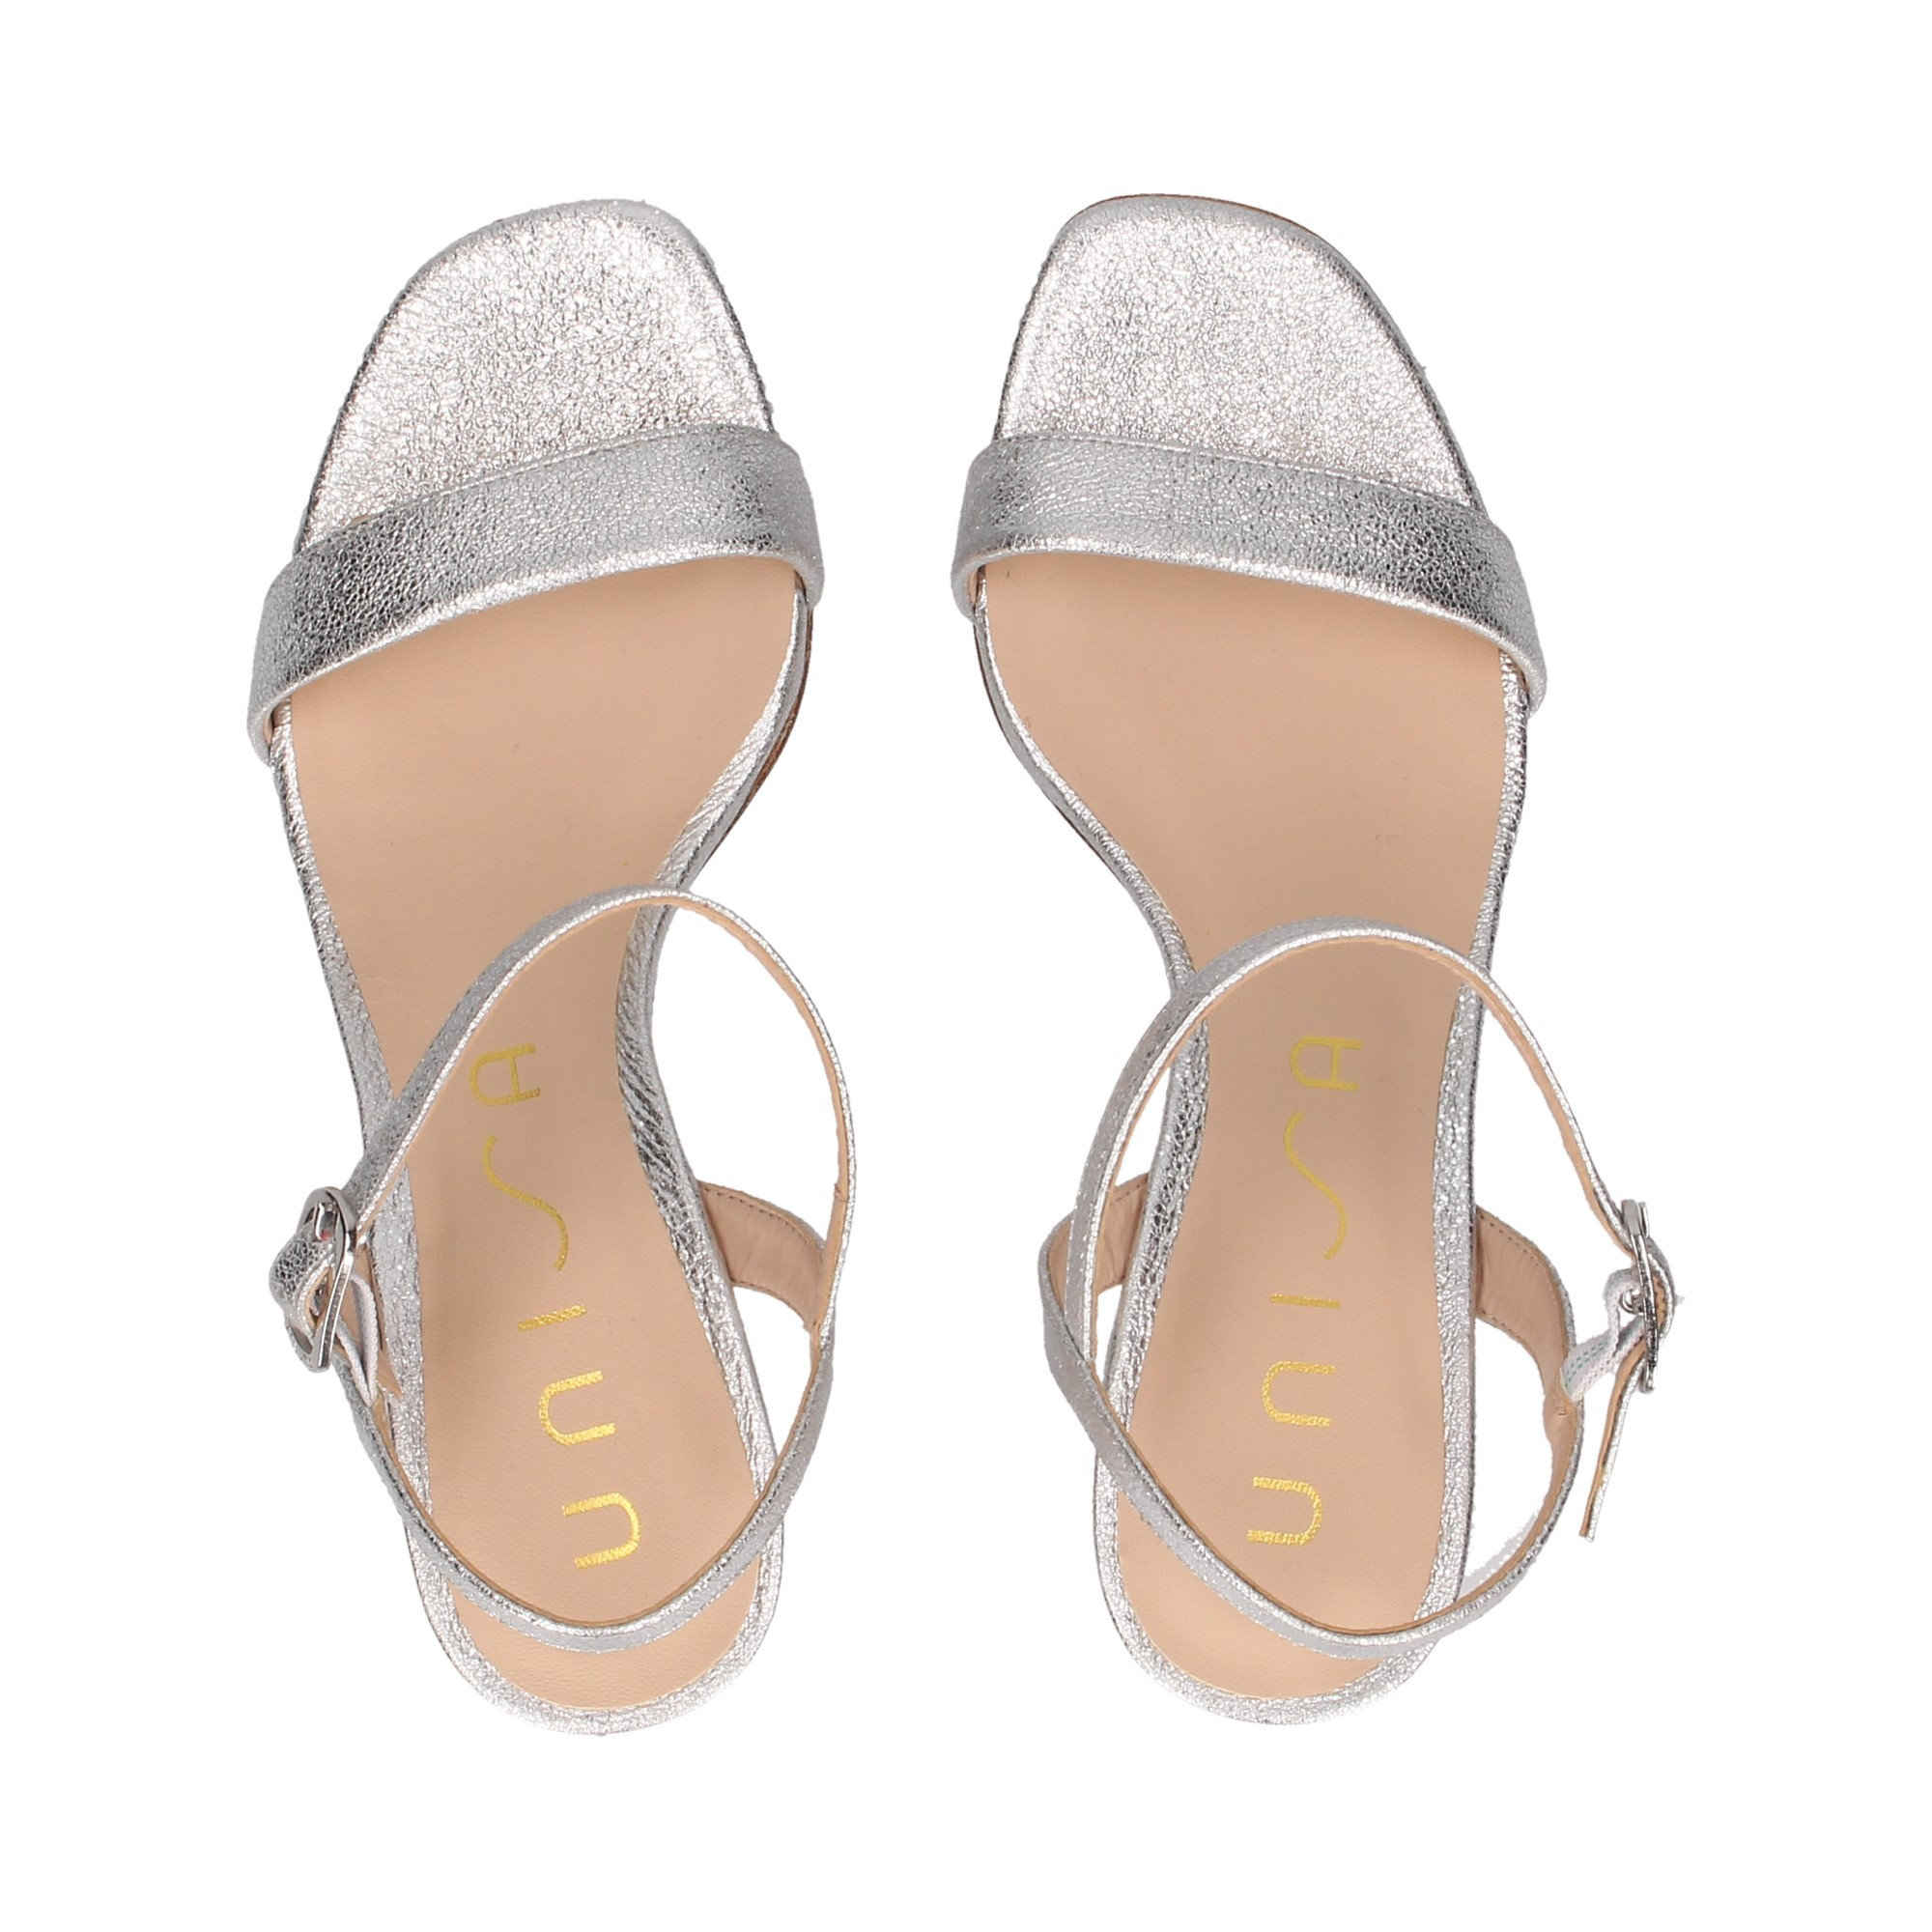 Sandaletten Frauen Mabre Silver Unisa Se Mit Absatz OXNPwn08k